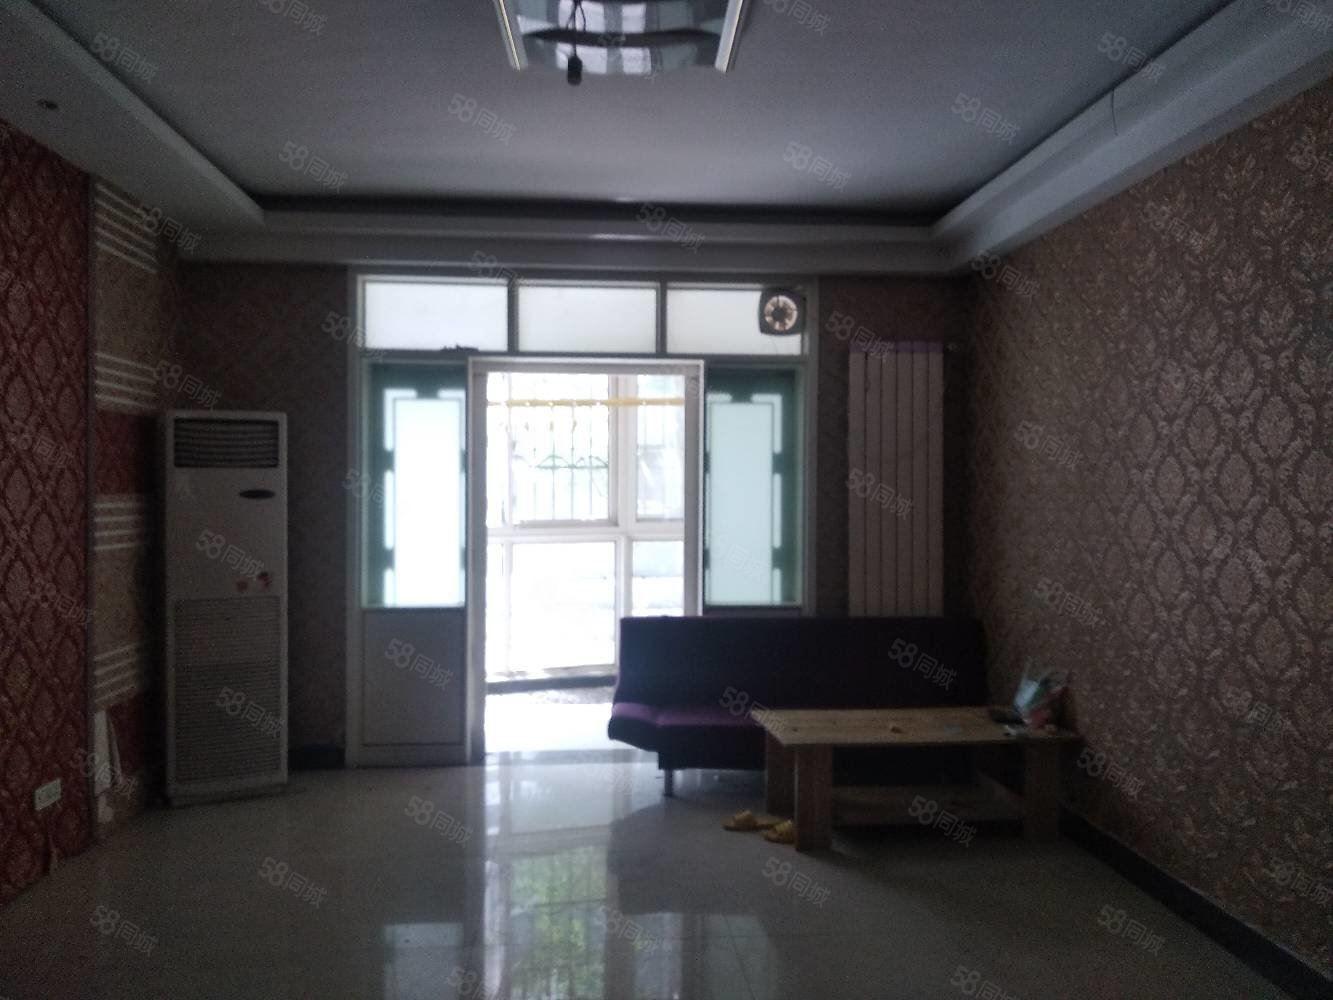 南環路新華路明珠城市花園1樓3室2廳2衛135平有暖有證